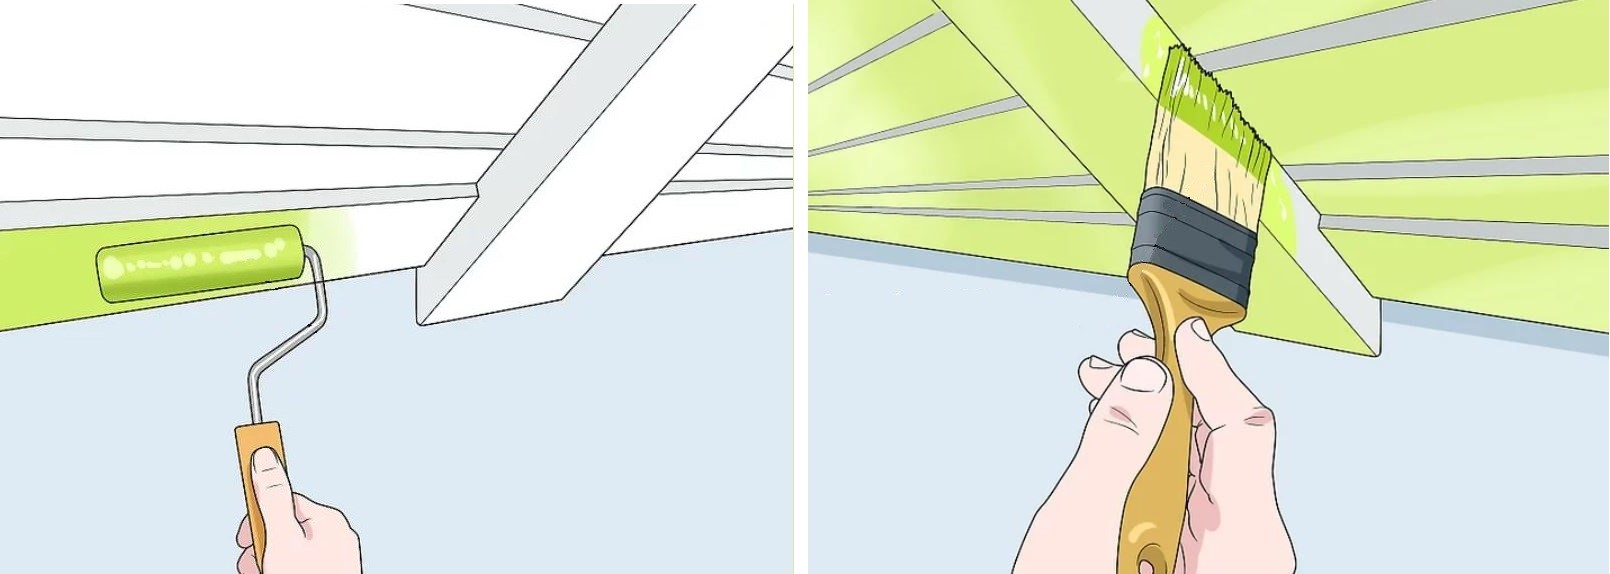 آموزش گام به گام نقاشی ساختمان (قسمت ششم نقاشی سقف) 16